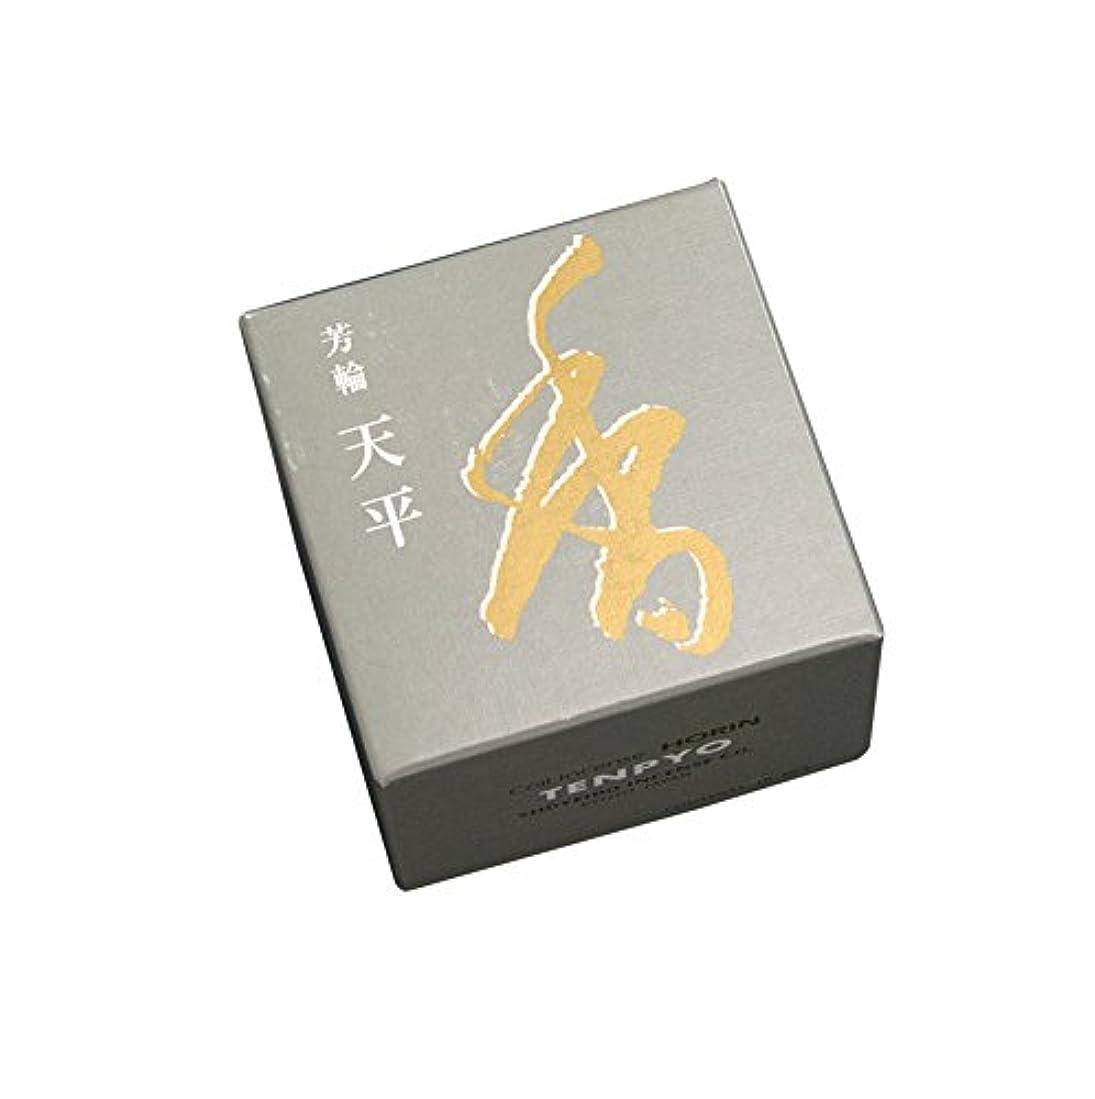 憤るスペアボア松栄堂のお香 芳輪天平 渦巻型10枚入 うてな角型付 #210521